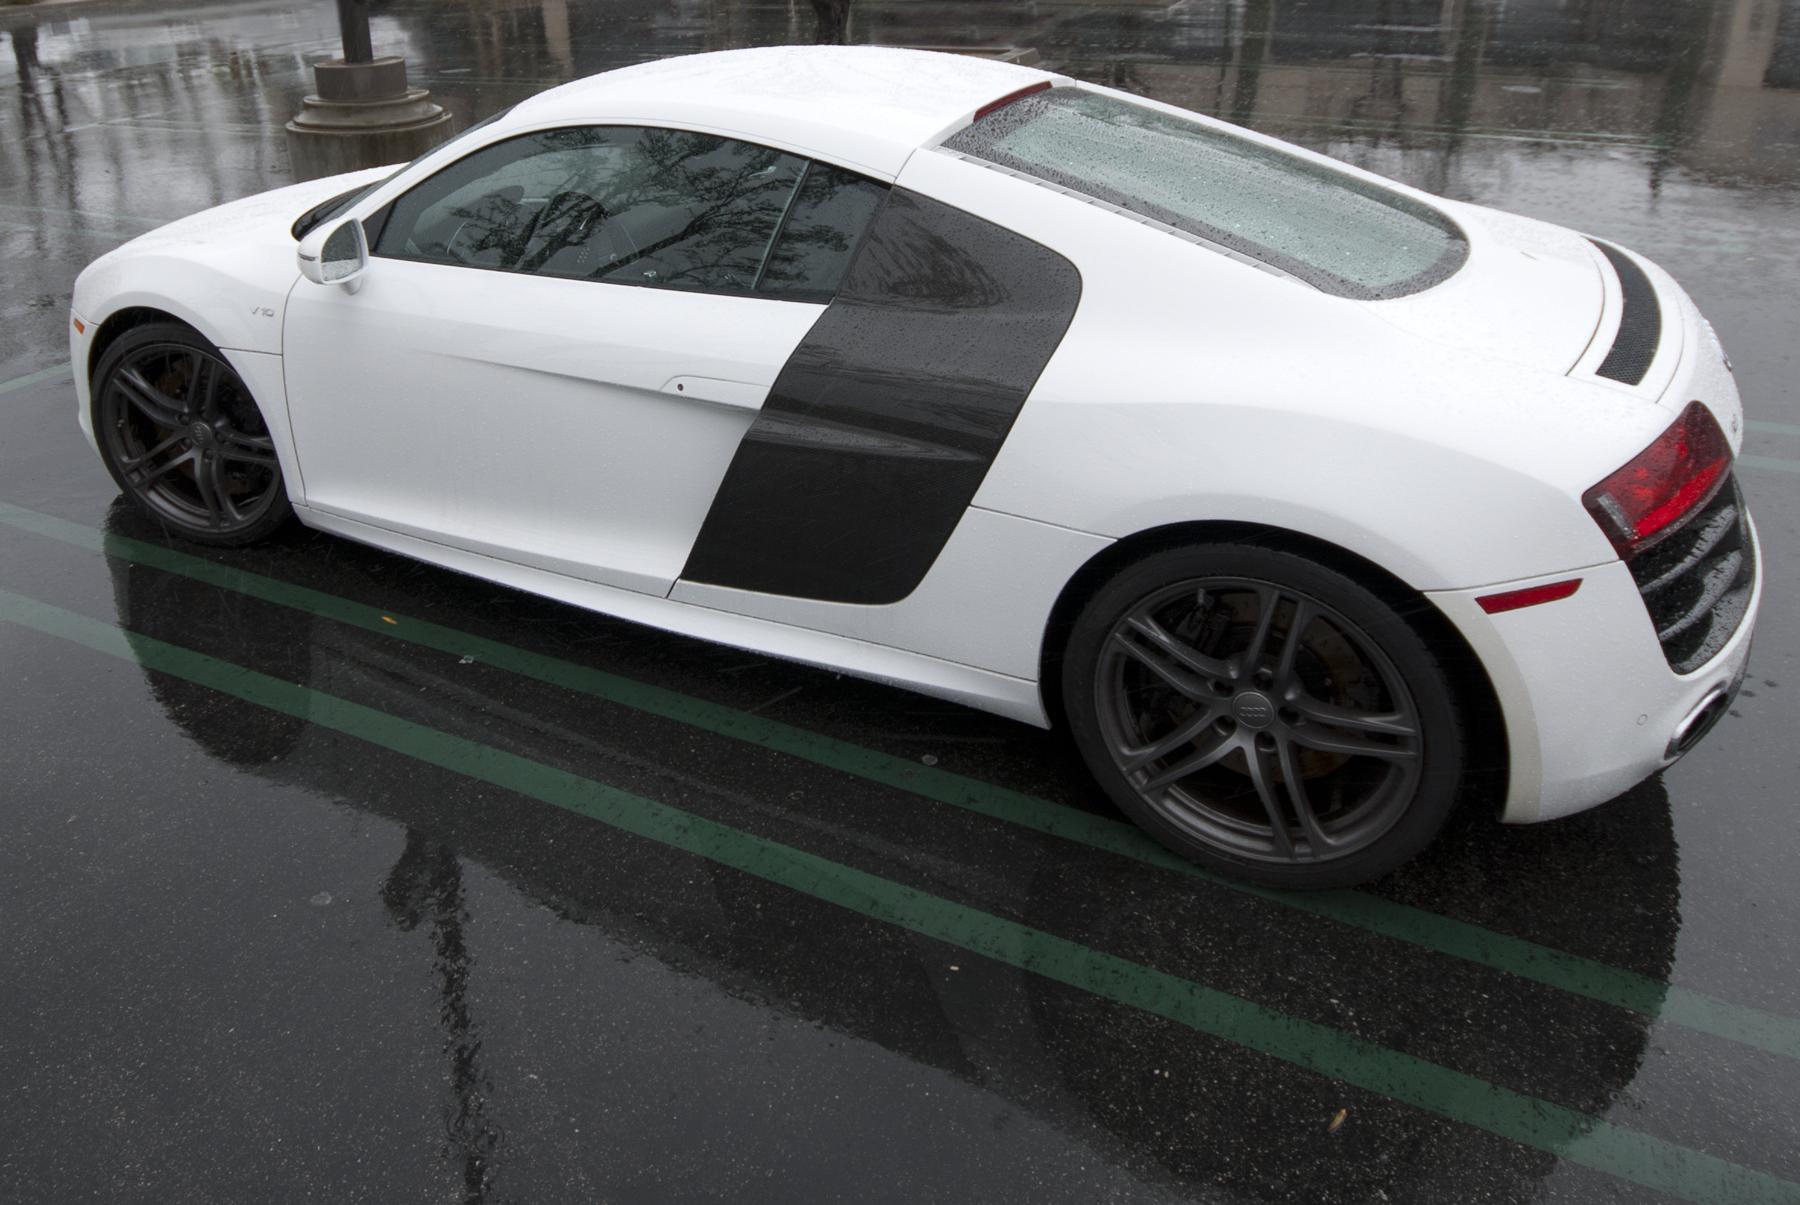 Luxury Vehicle: Black And White Exotic Cars 1 Background